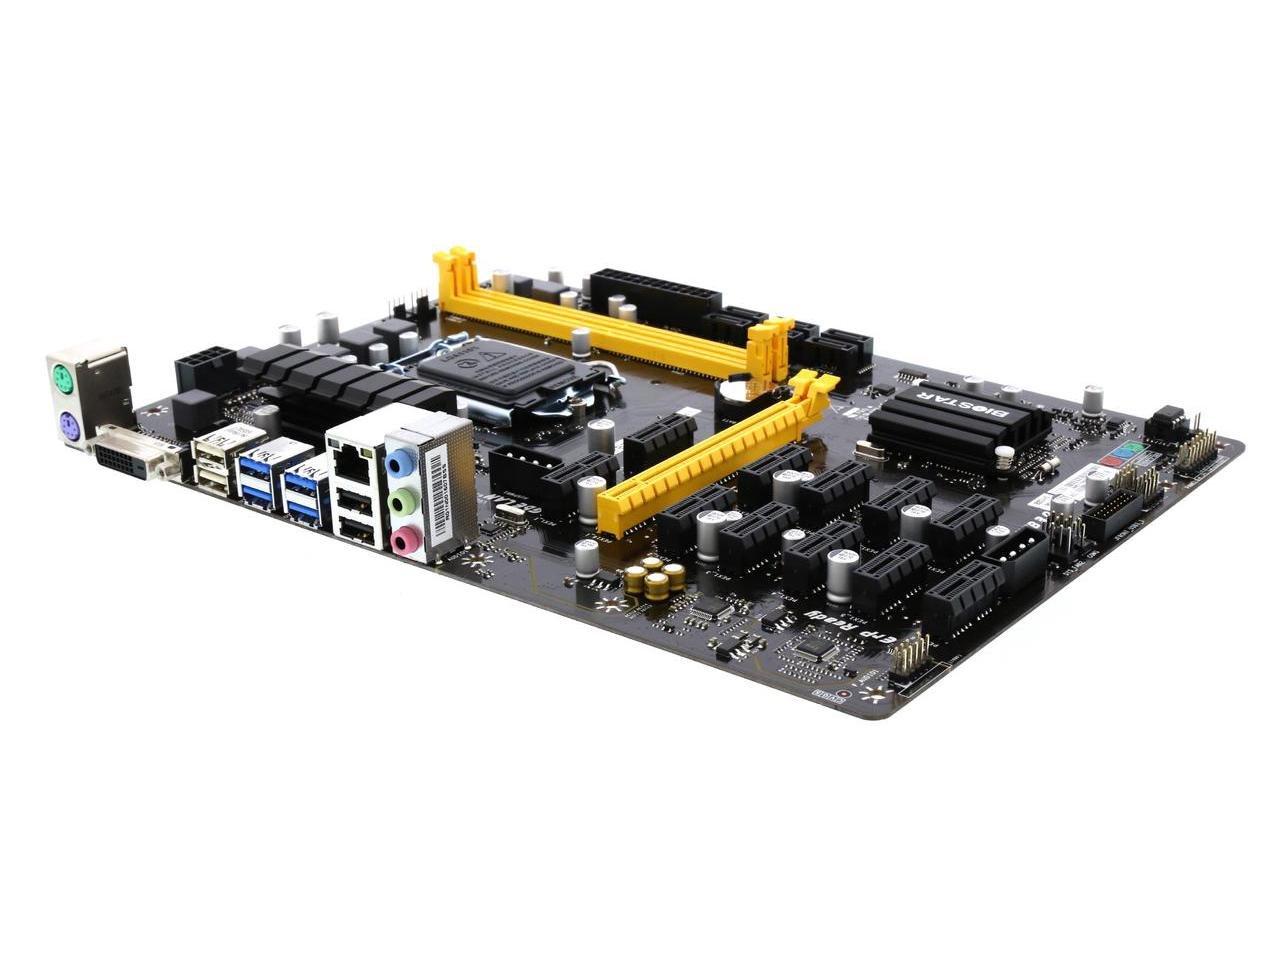 BIOSTAR TB250-BTC PRO LGA 1151 Intel B250 SATA 6Gb/s USB 3.0 ATX Intel Motherboard